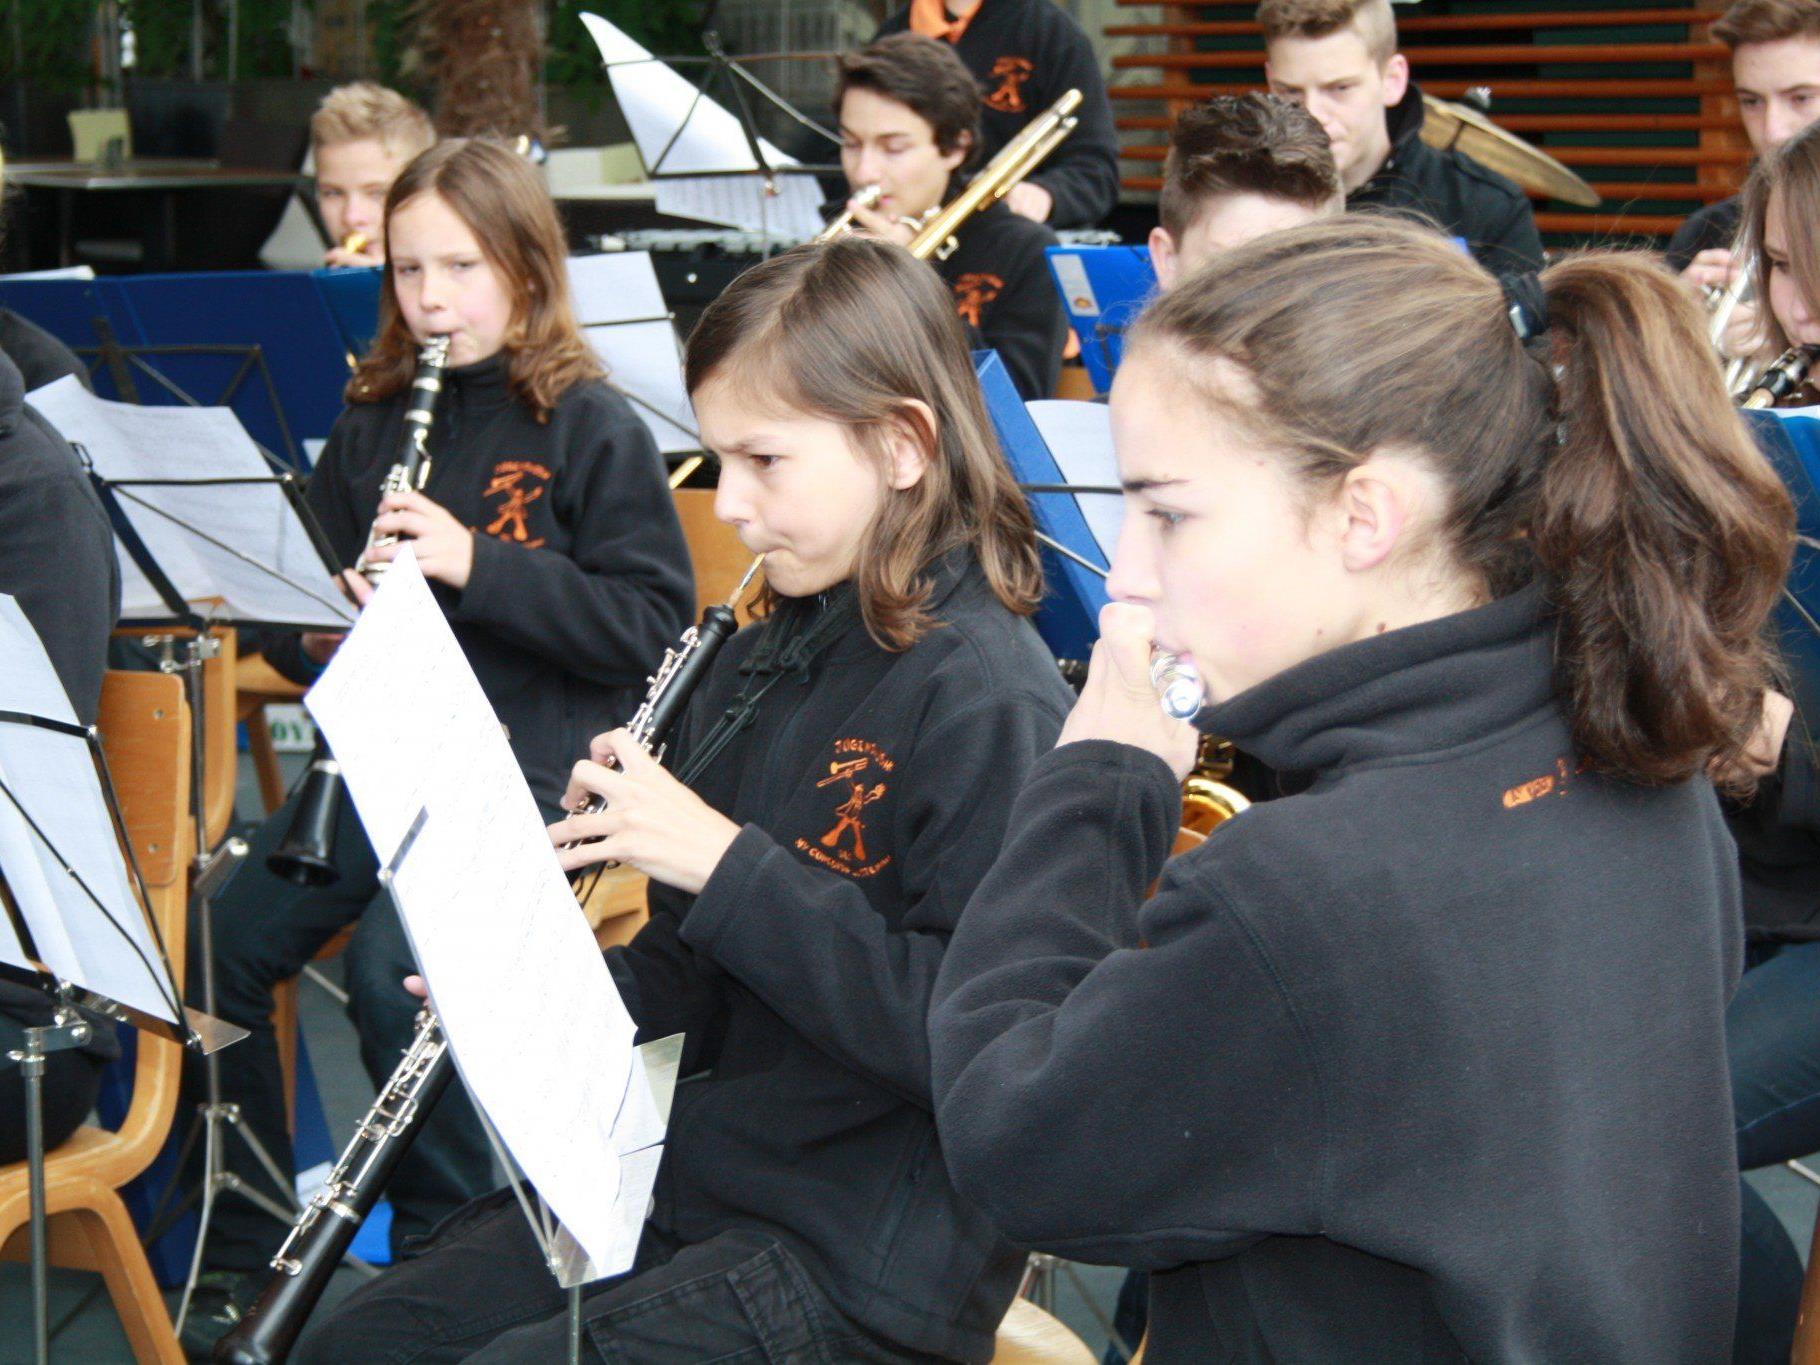 """Im spritzigen """"Concordia-Sound"""" überraschte die Jugendmusik des MV Concordia die Marktbesucher."""